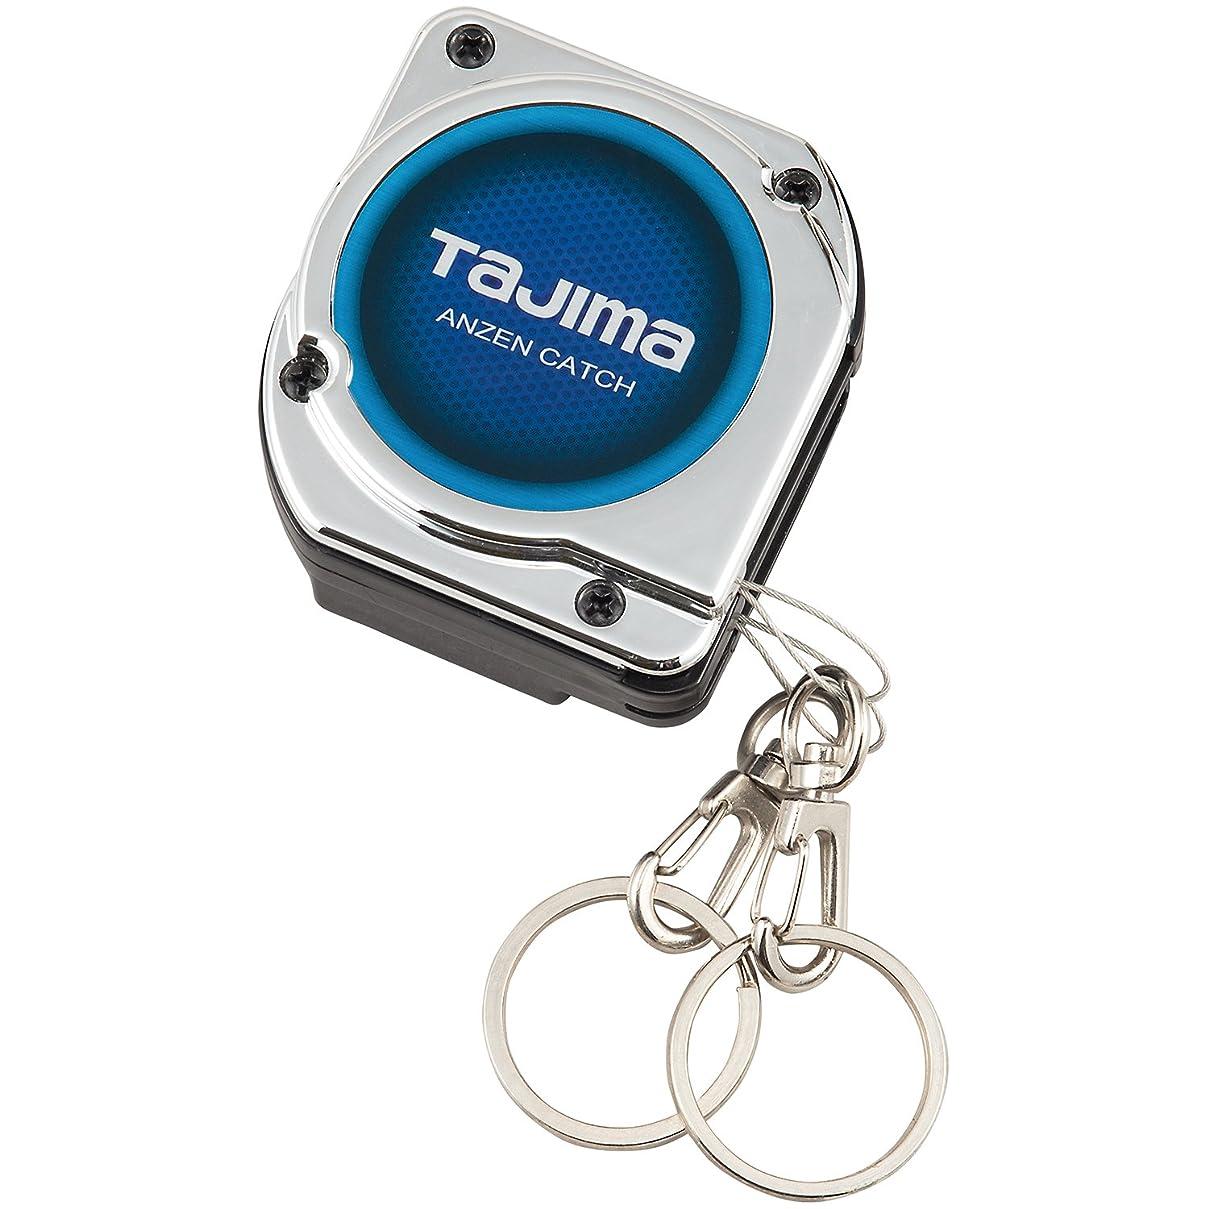 タジマ 安全キャッチ ダブル 取付工具重量1kg用 AZC-W [安全帯 落下防止 電気工事 高所での安全作業]